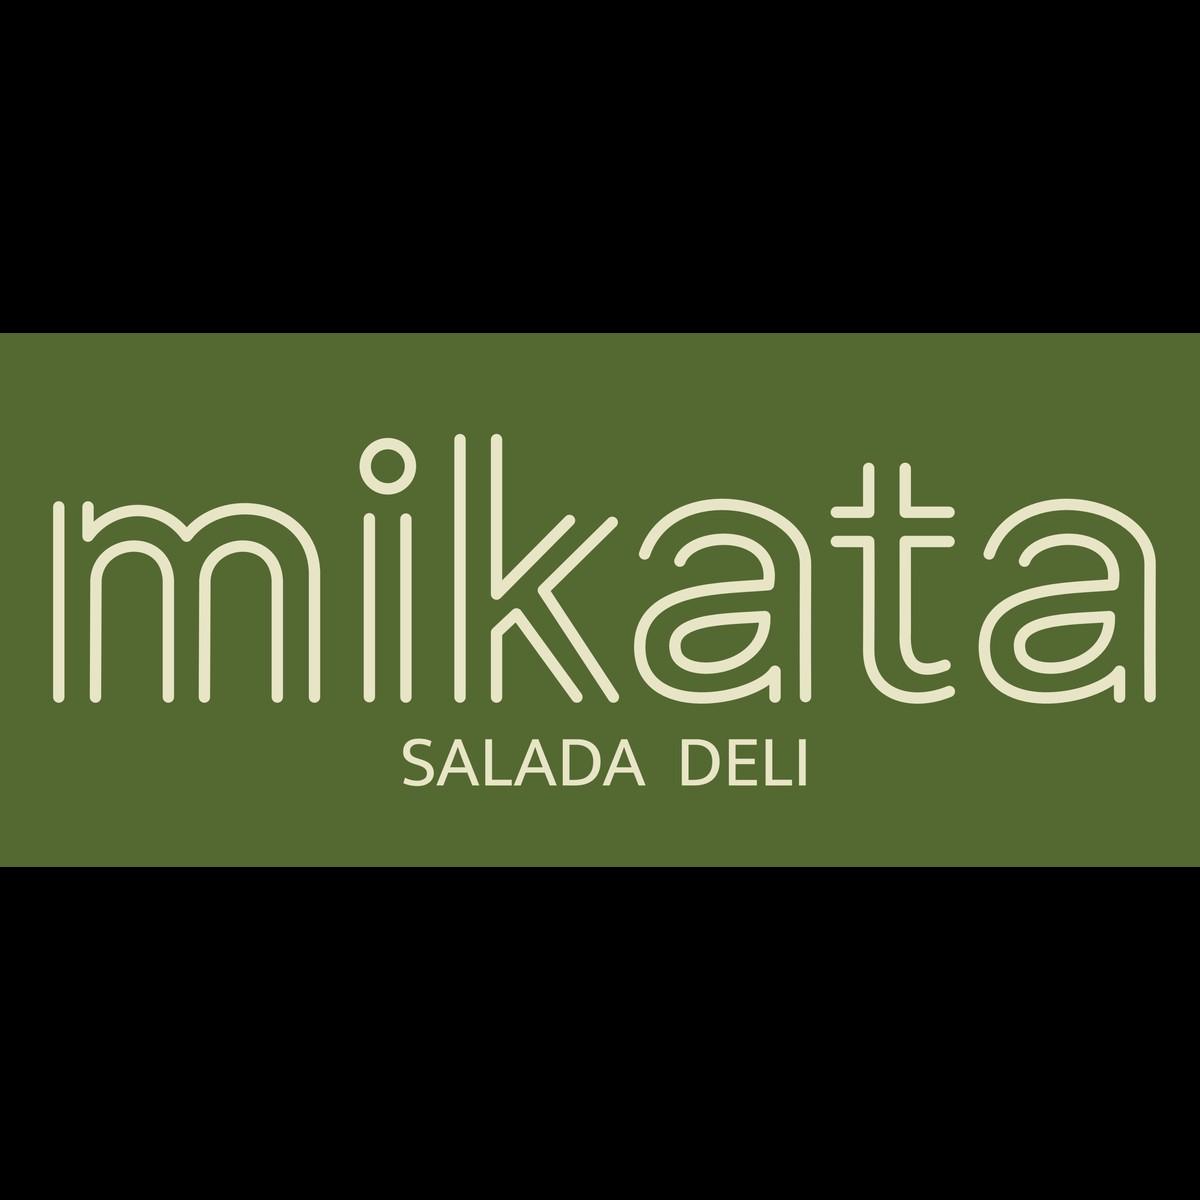 サラダ専門店mikata powered by BASE